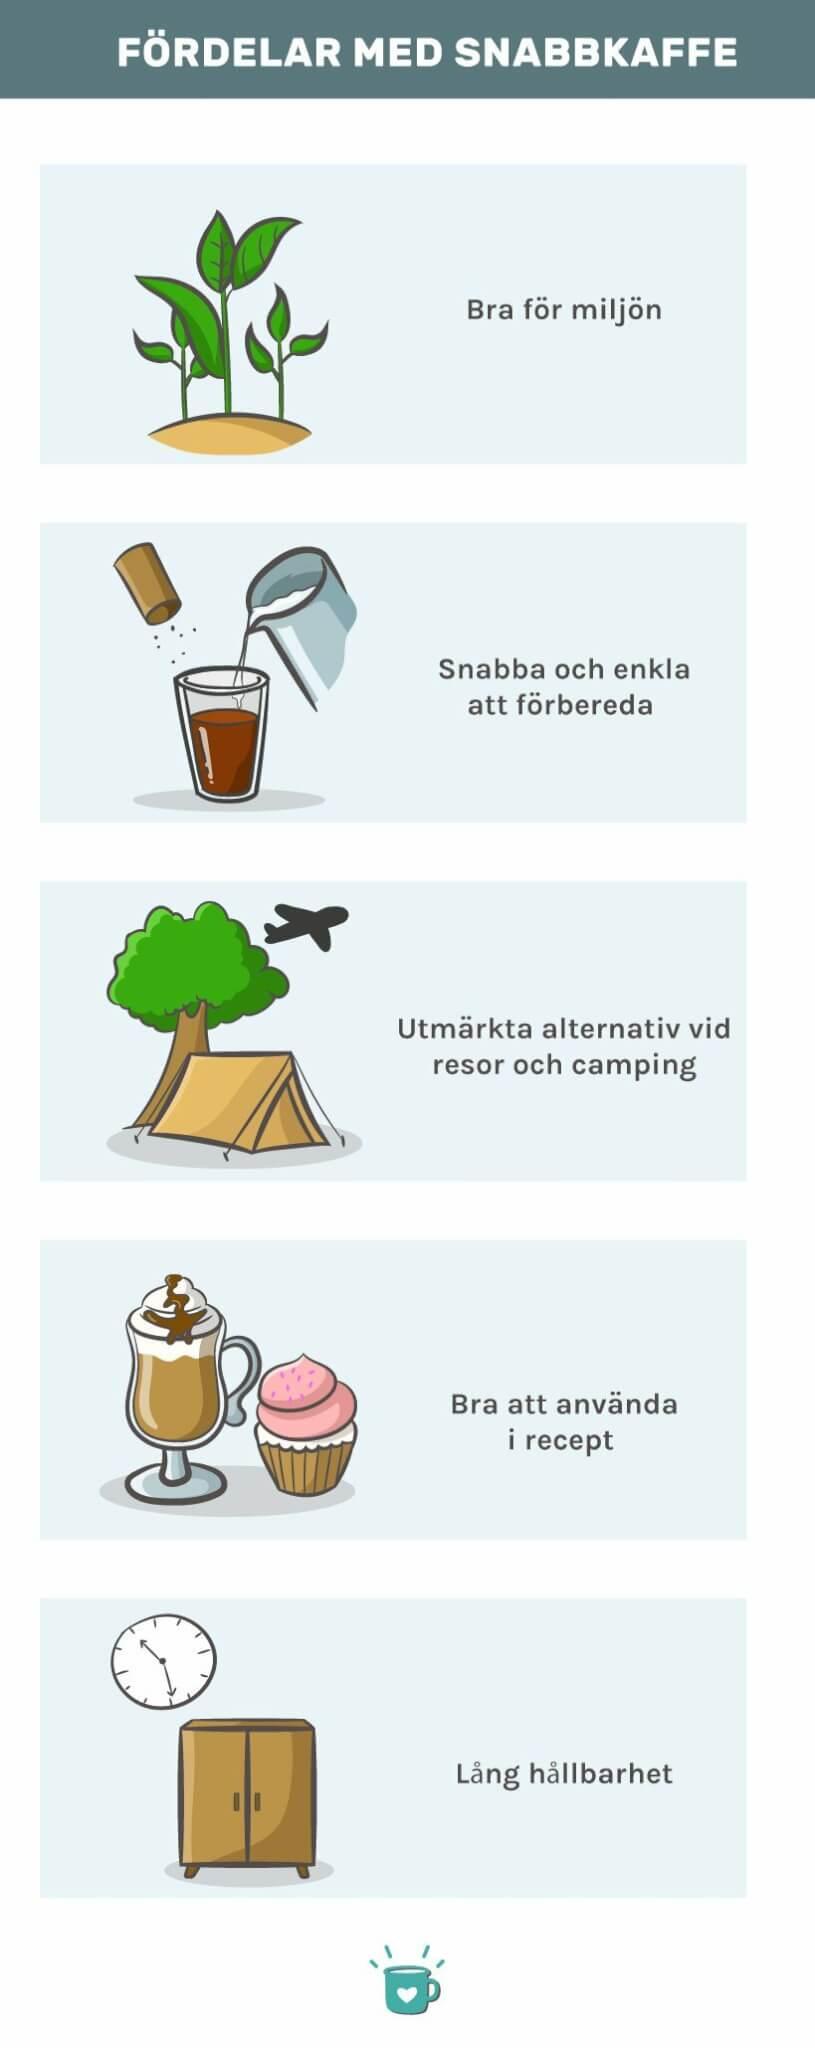 Fördelar Med Snabb kaffe